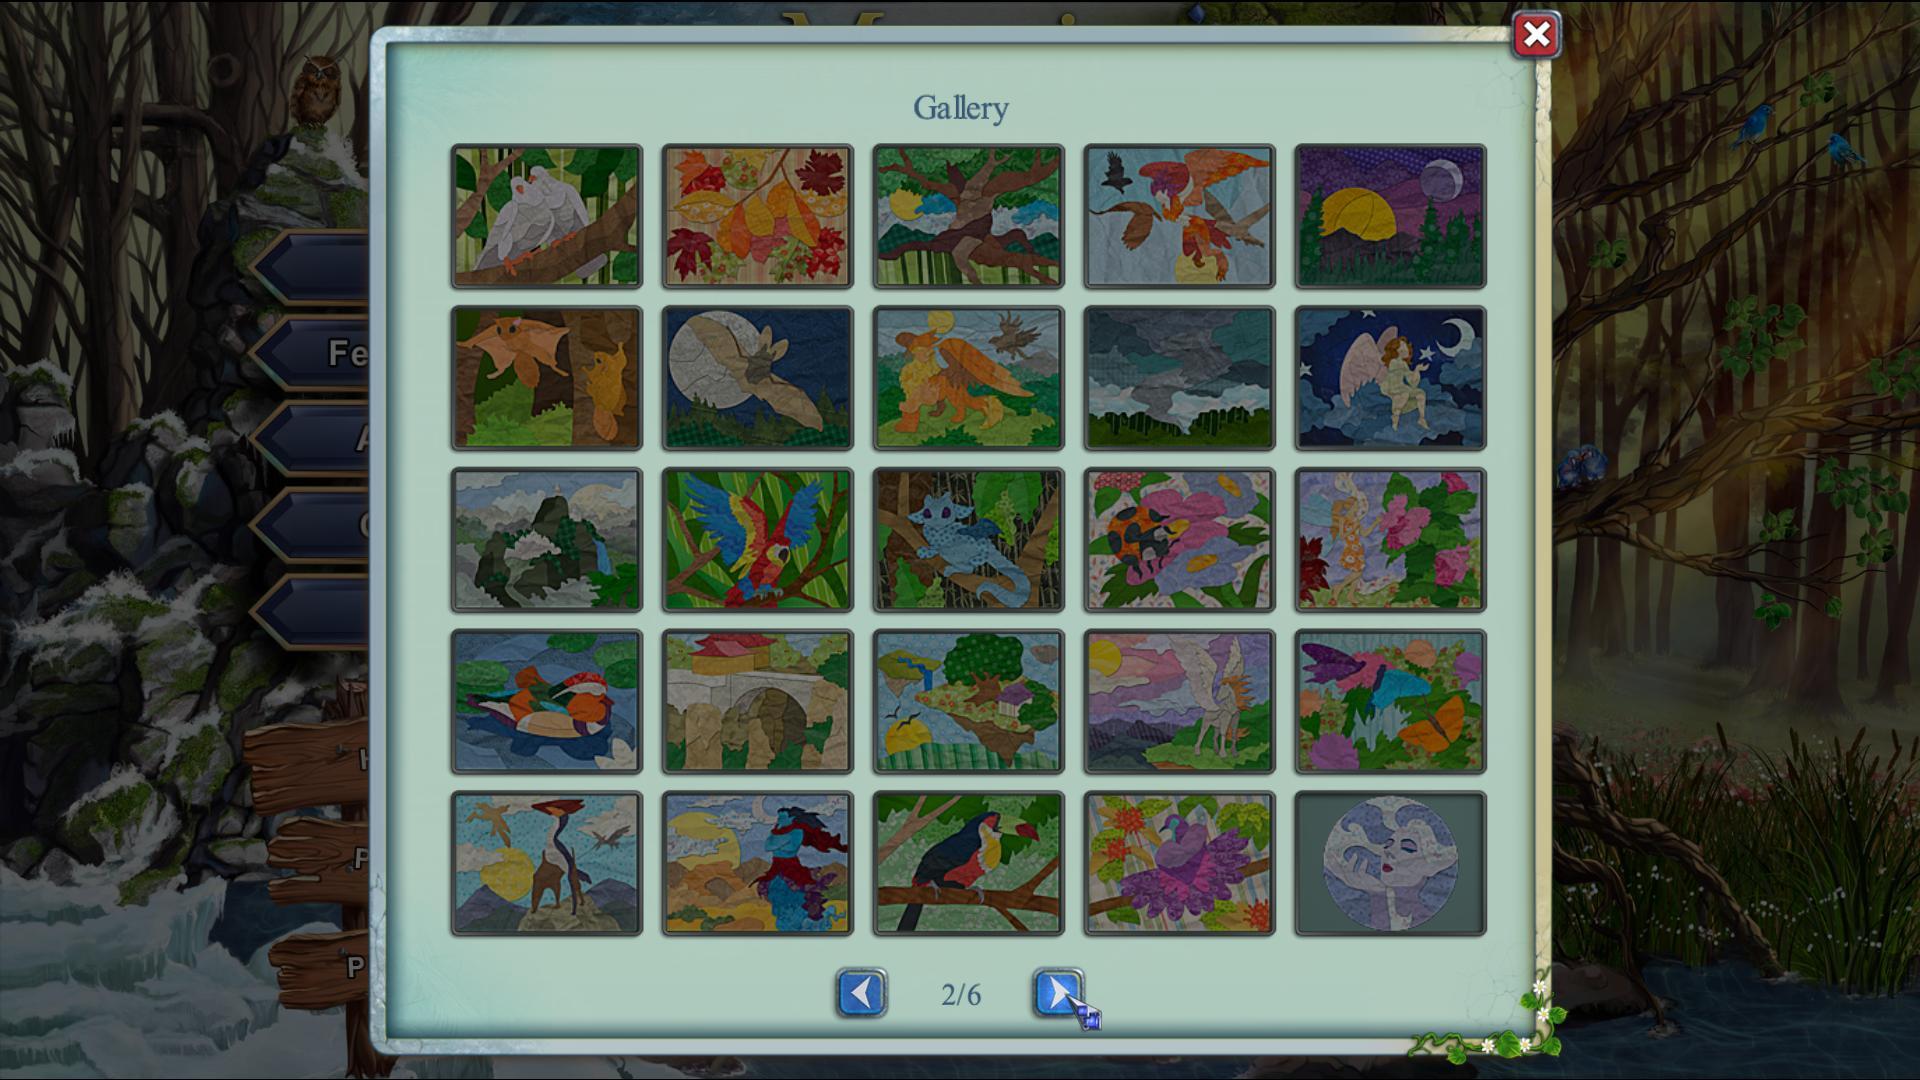 拼图 神的 游戏 电脑版 拼图 神的 游戏 单机 游戏 下载